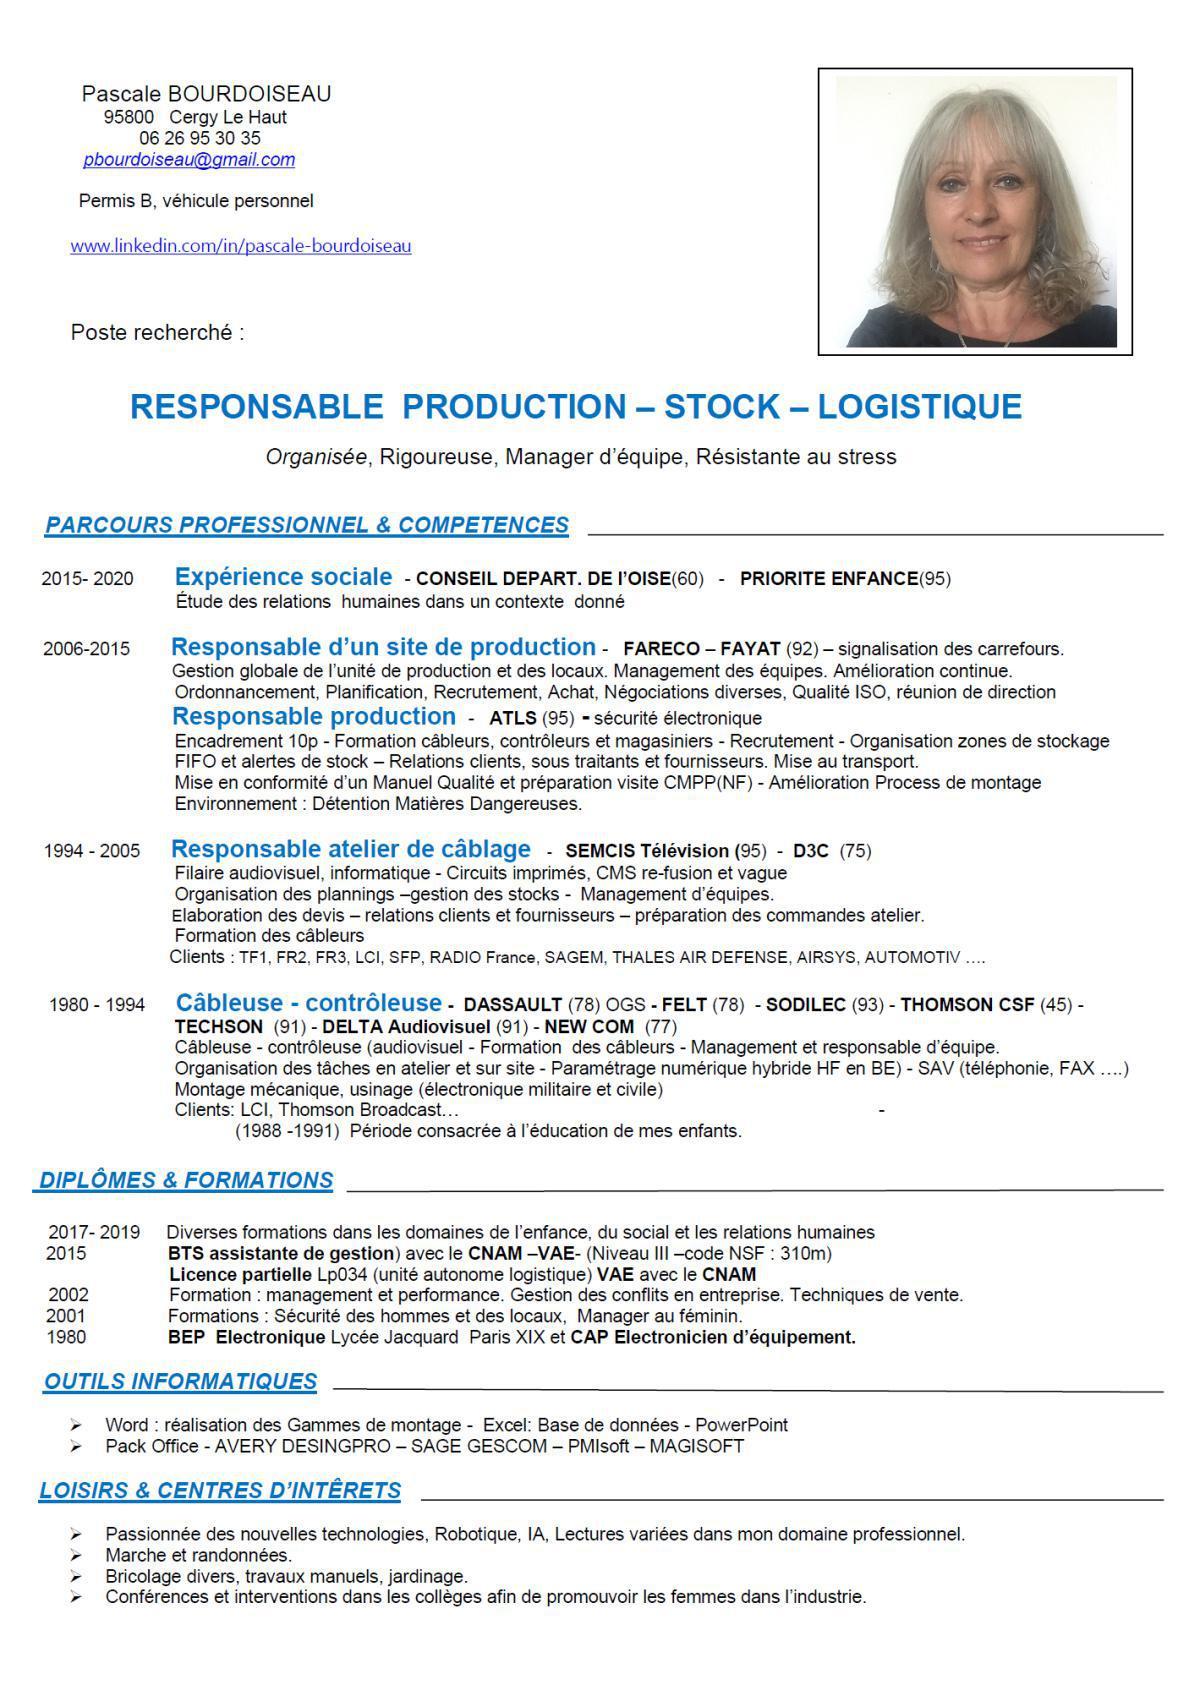 Recherche poste RESPONSABLE PRODUCTION - STOCK - LOGISTIQUE